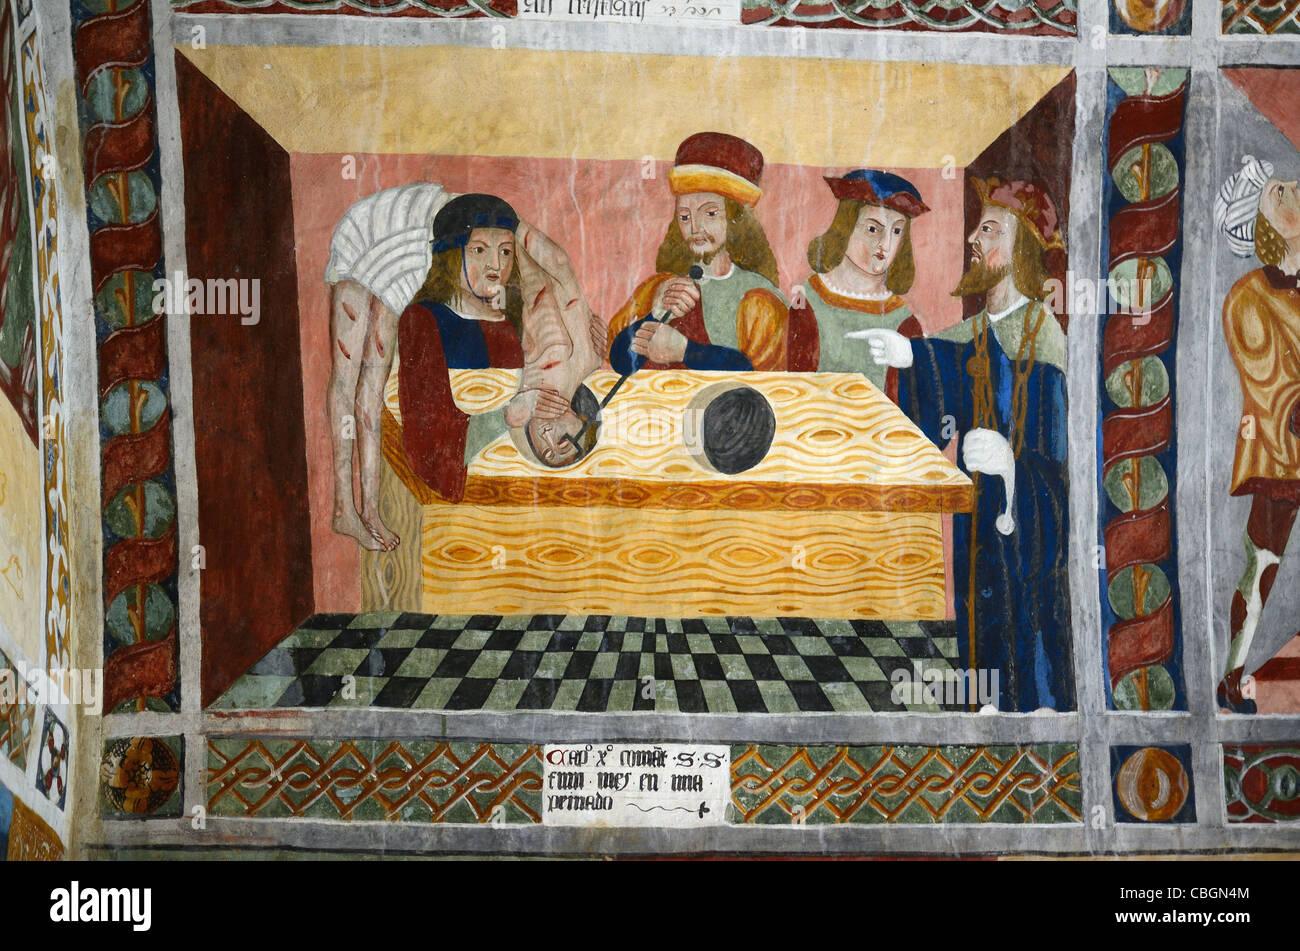 San Sebastiano gettato nelle fogne, pittura murale o affresco nella cappella di San Sebastiano (1513), Roubion, Immagini Stock